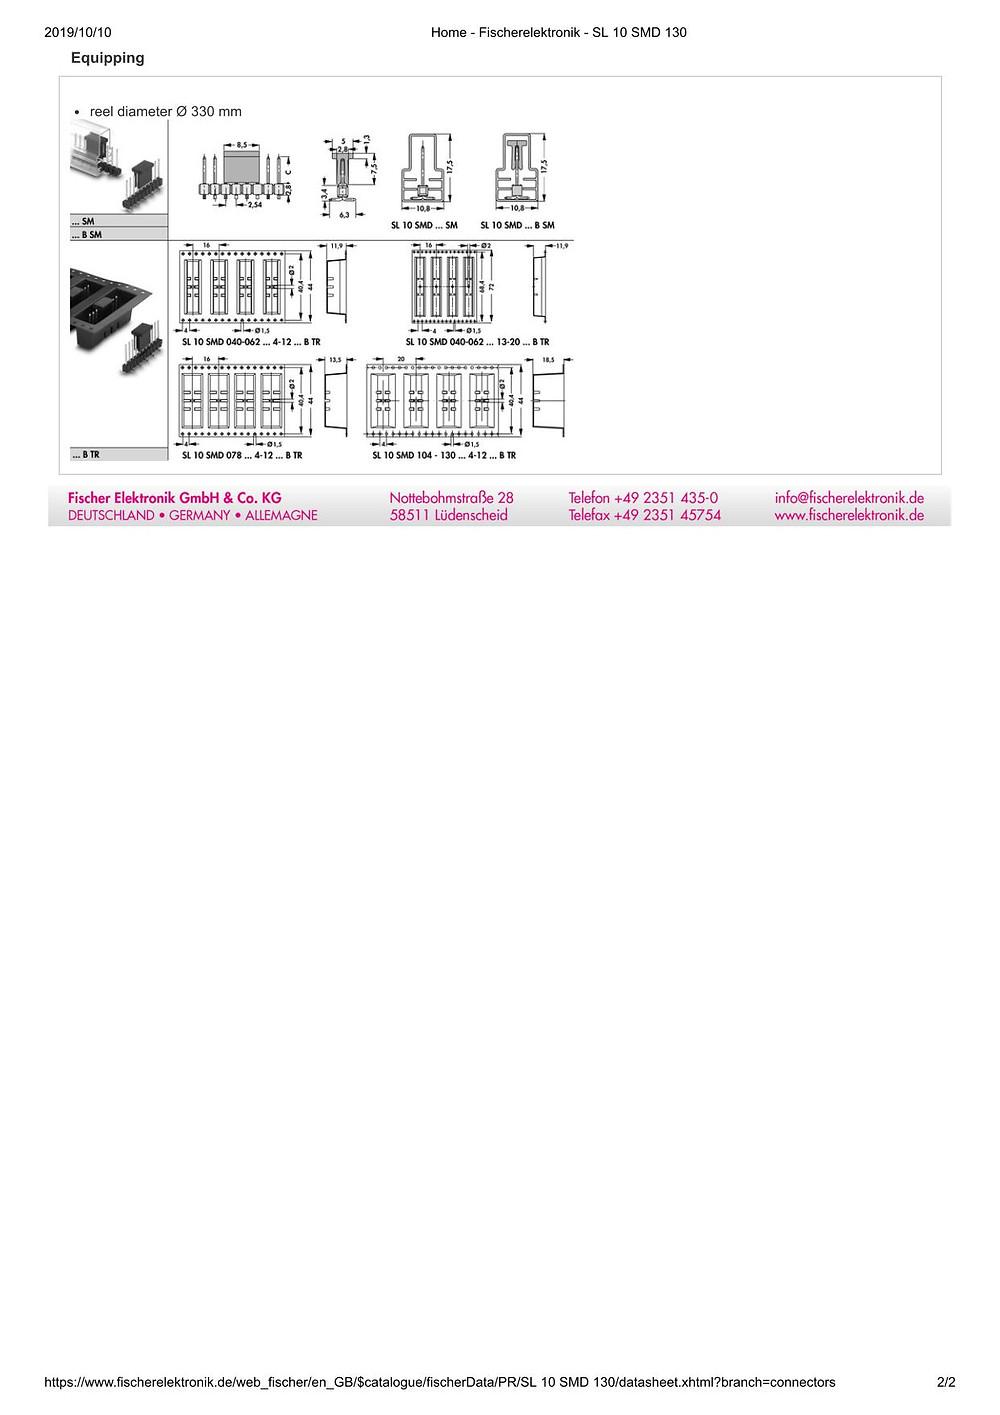 SL 10 SMD 130 フィッシャー テープ&リール対応 ピンヘッダ 2.54㎜ピッチ □0.635mm (1リール=150個巻)4-12ピン